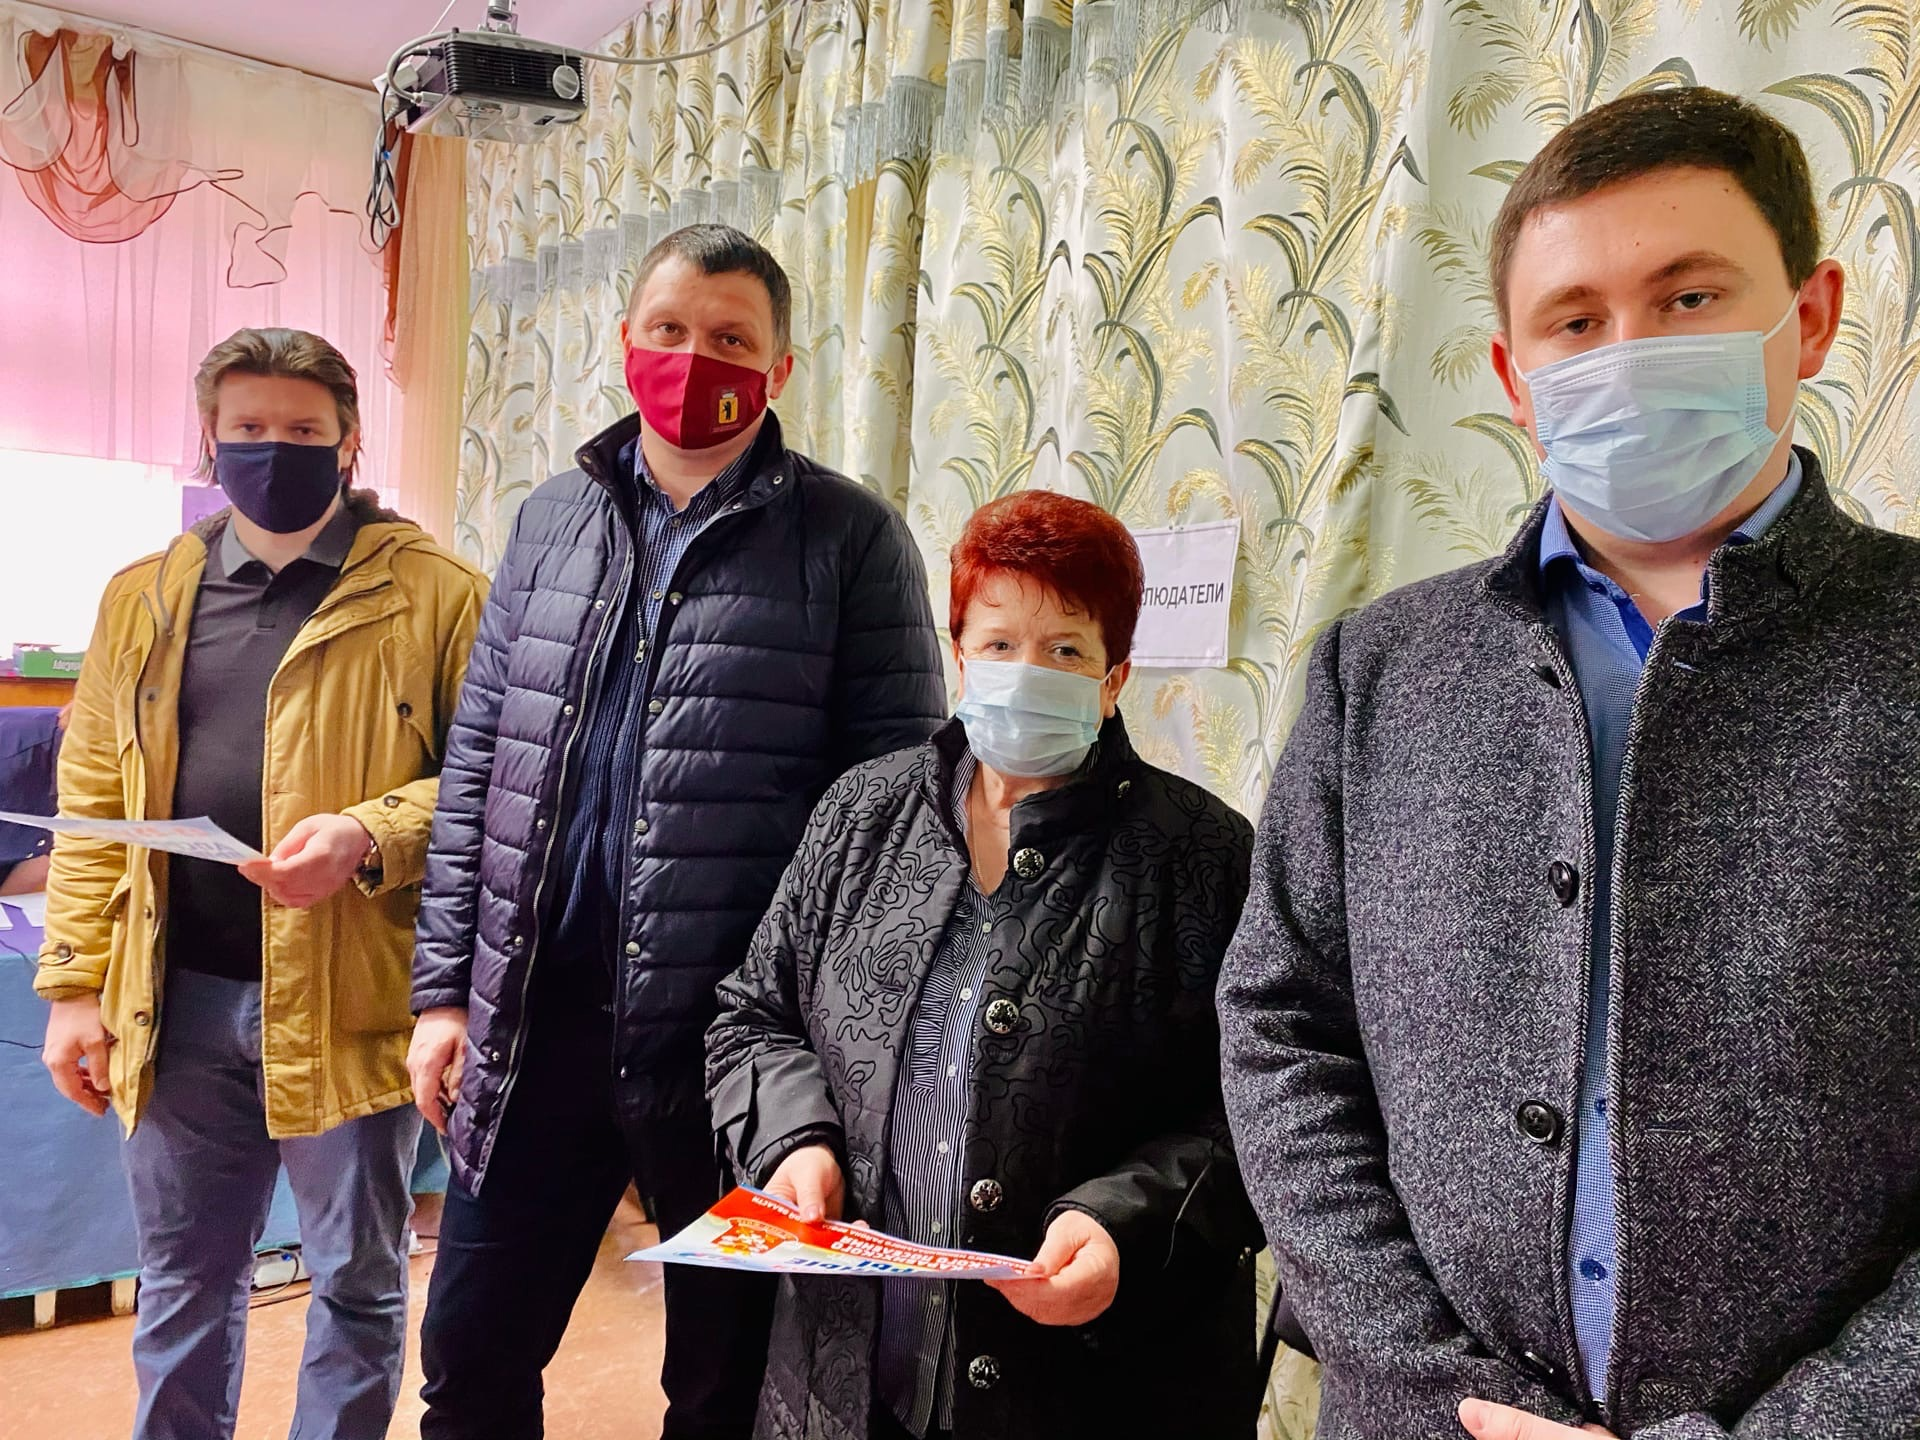 Штаб общественного наблюдения: выборы в Ярославской области проходят без серьезных нарушений